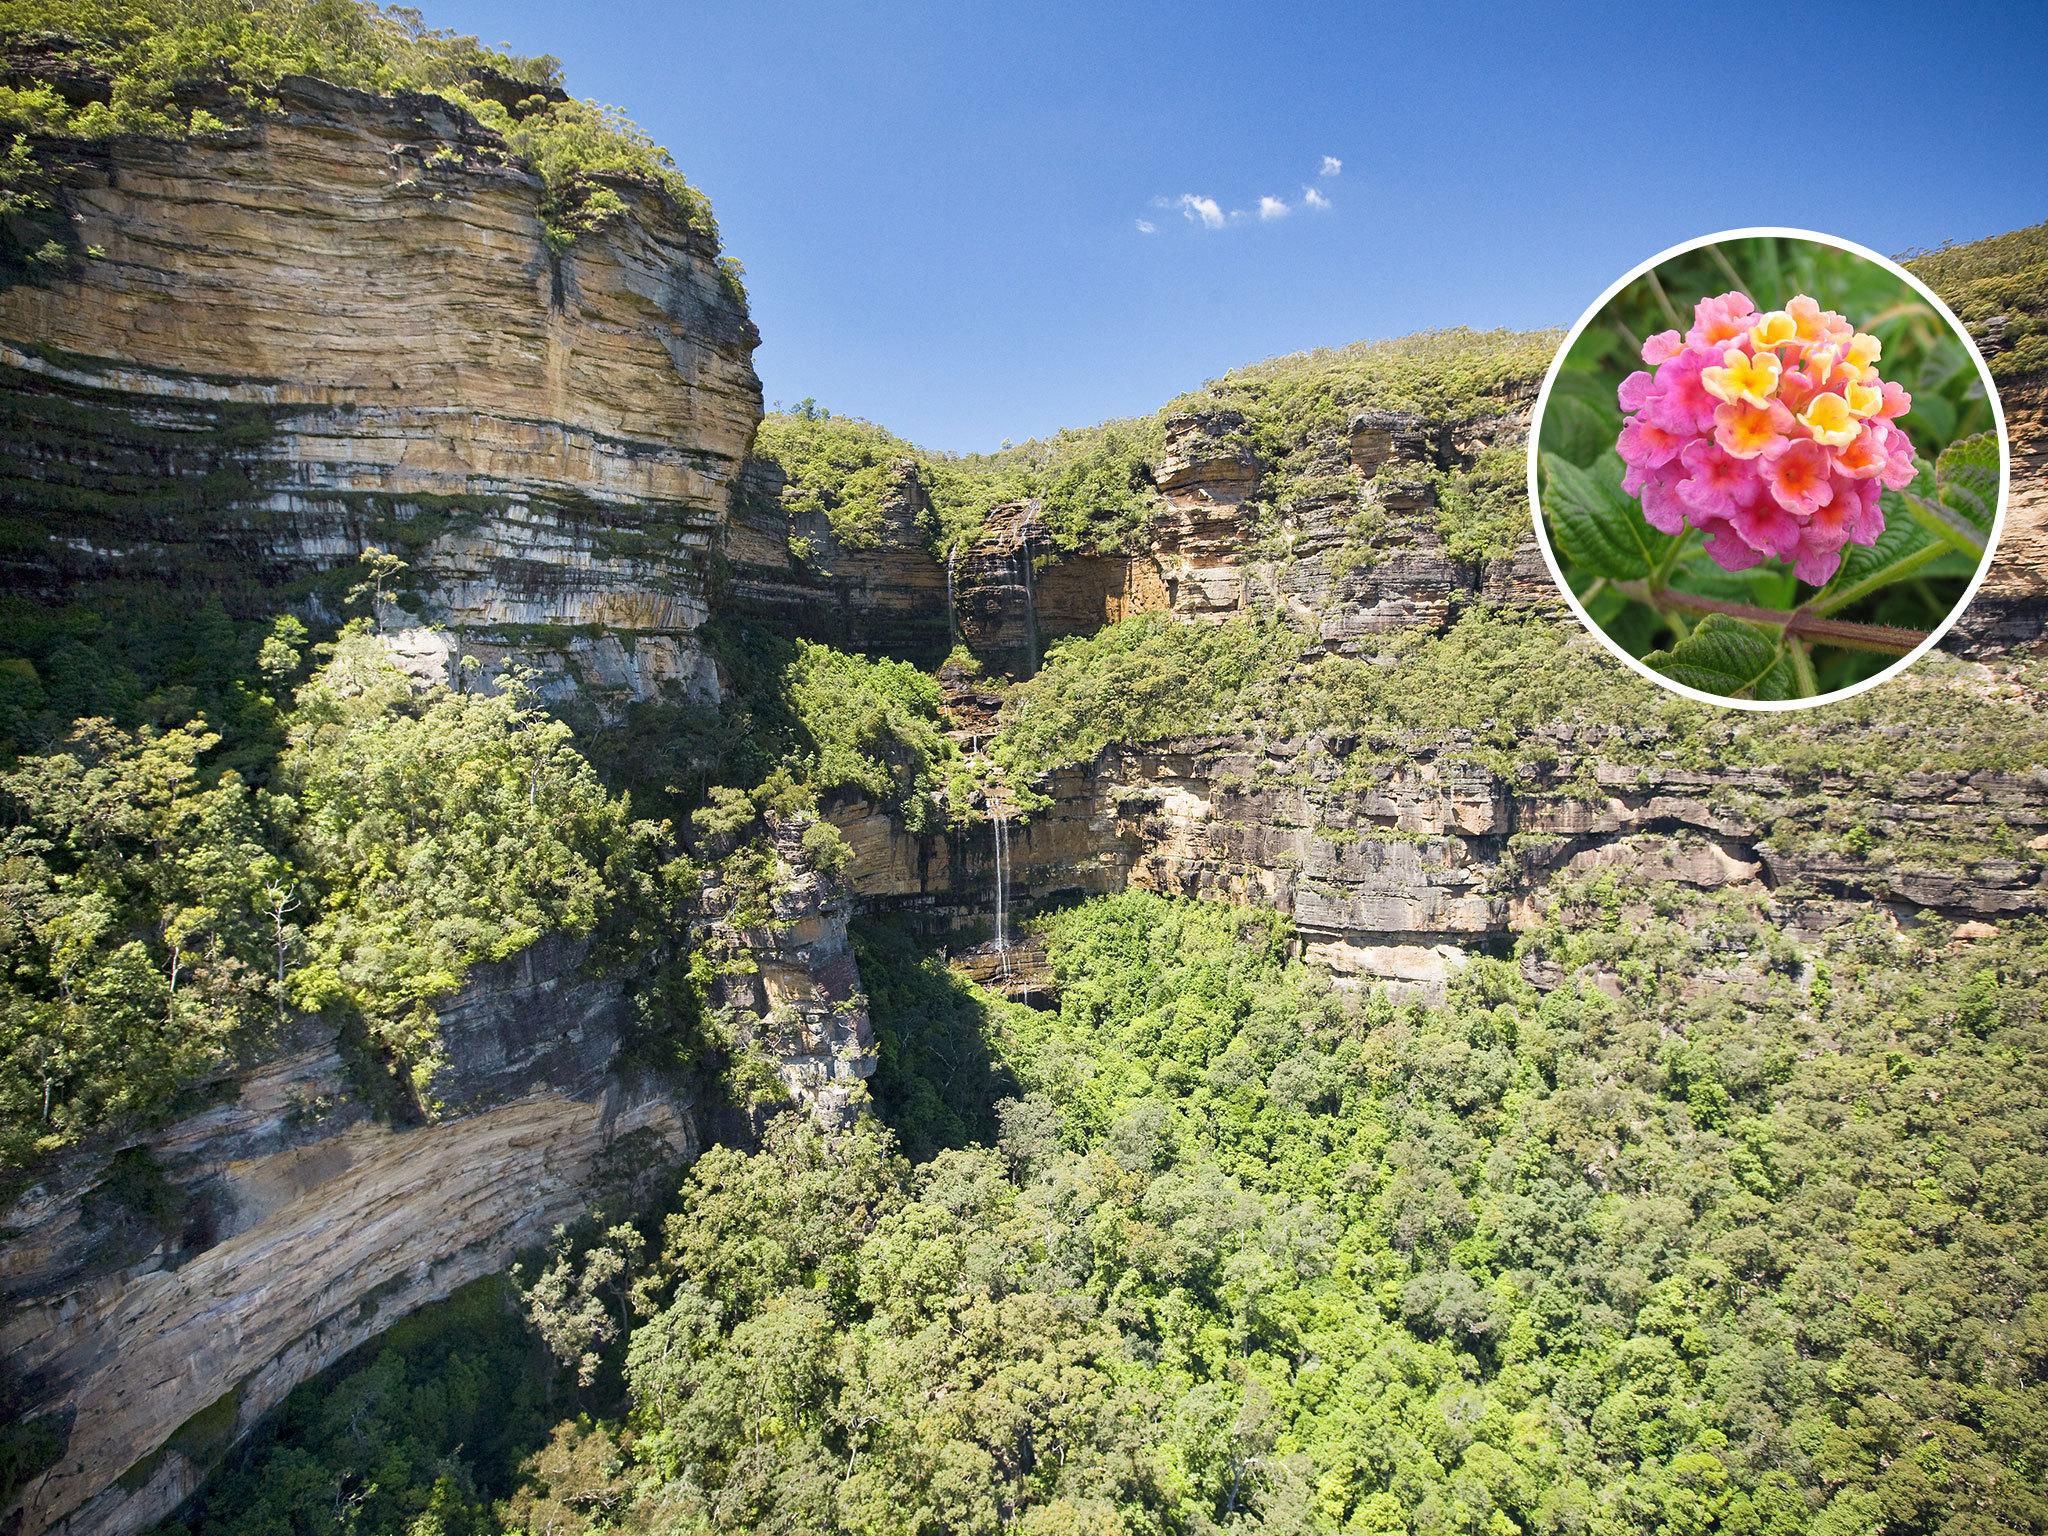 Australia on a plate - Lantana flower